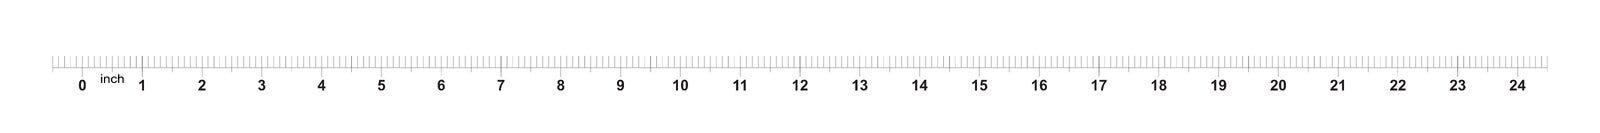 24 rubans m?triques de r?gle de pouce avec 0 inscriptions de 1 pouce Grille m?trique